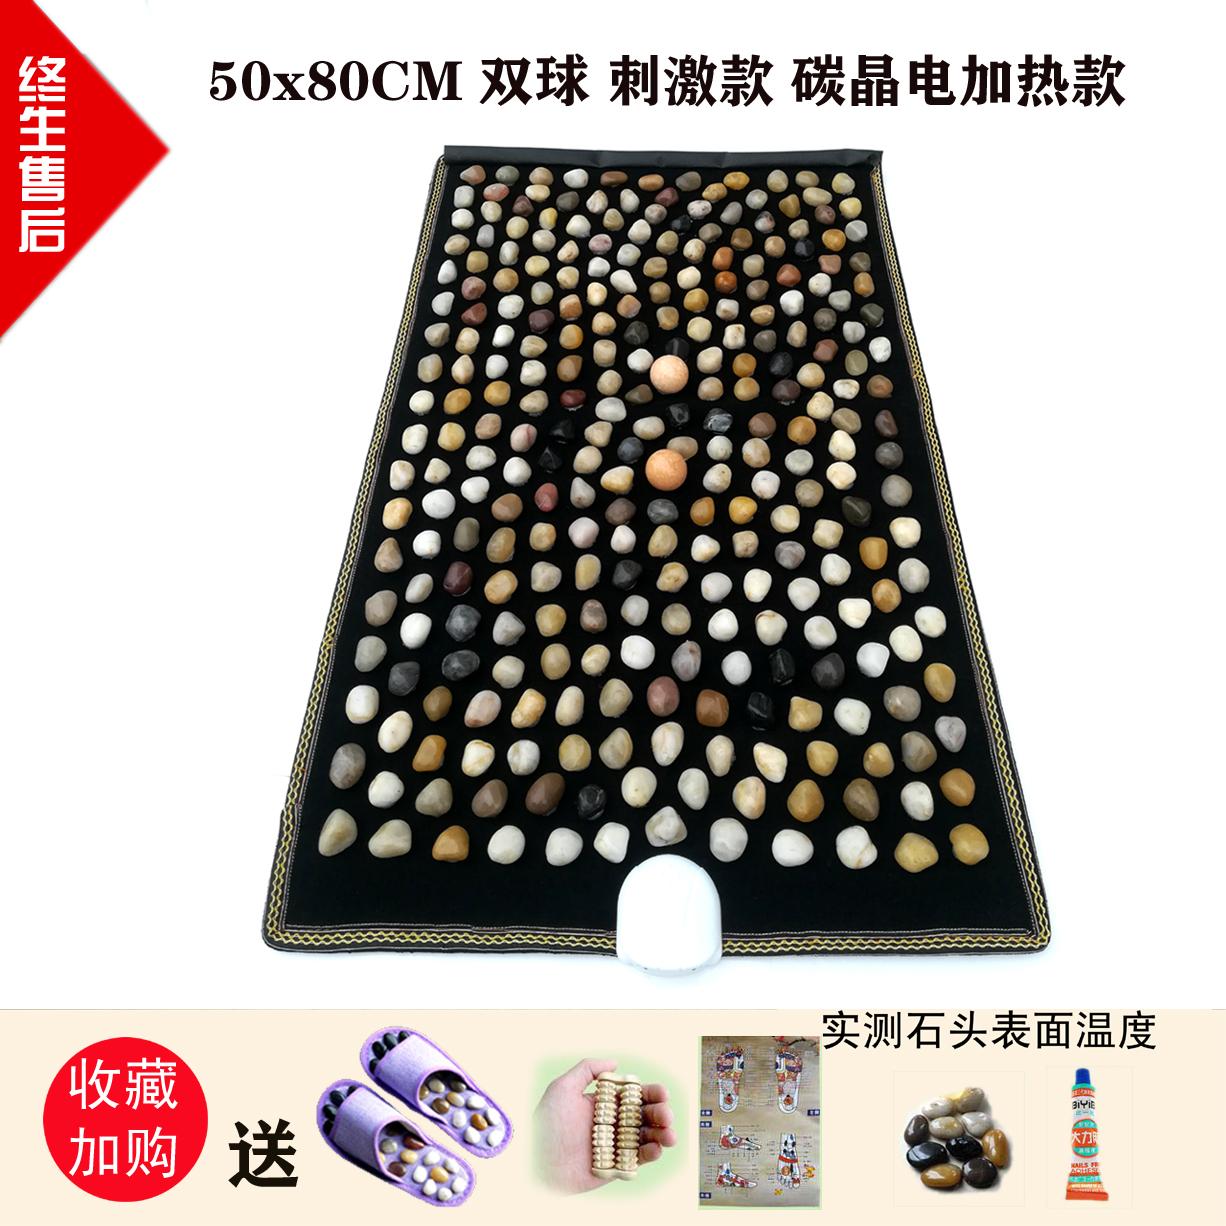 新款碳晶地暖鹅卵石足底按摩垫石子路指压板雨花石脚垫电加热走毯